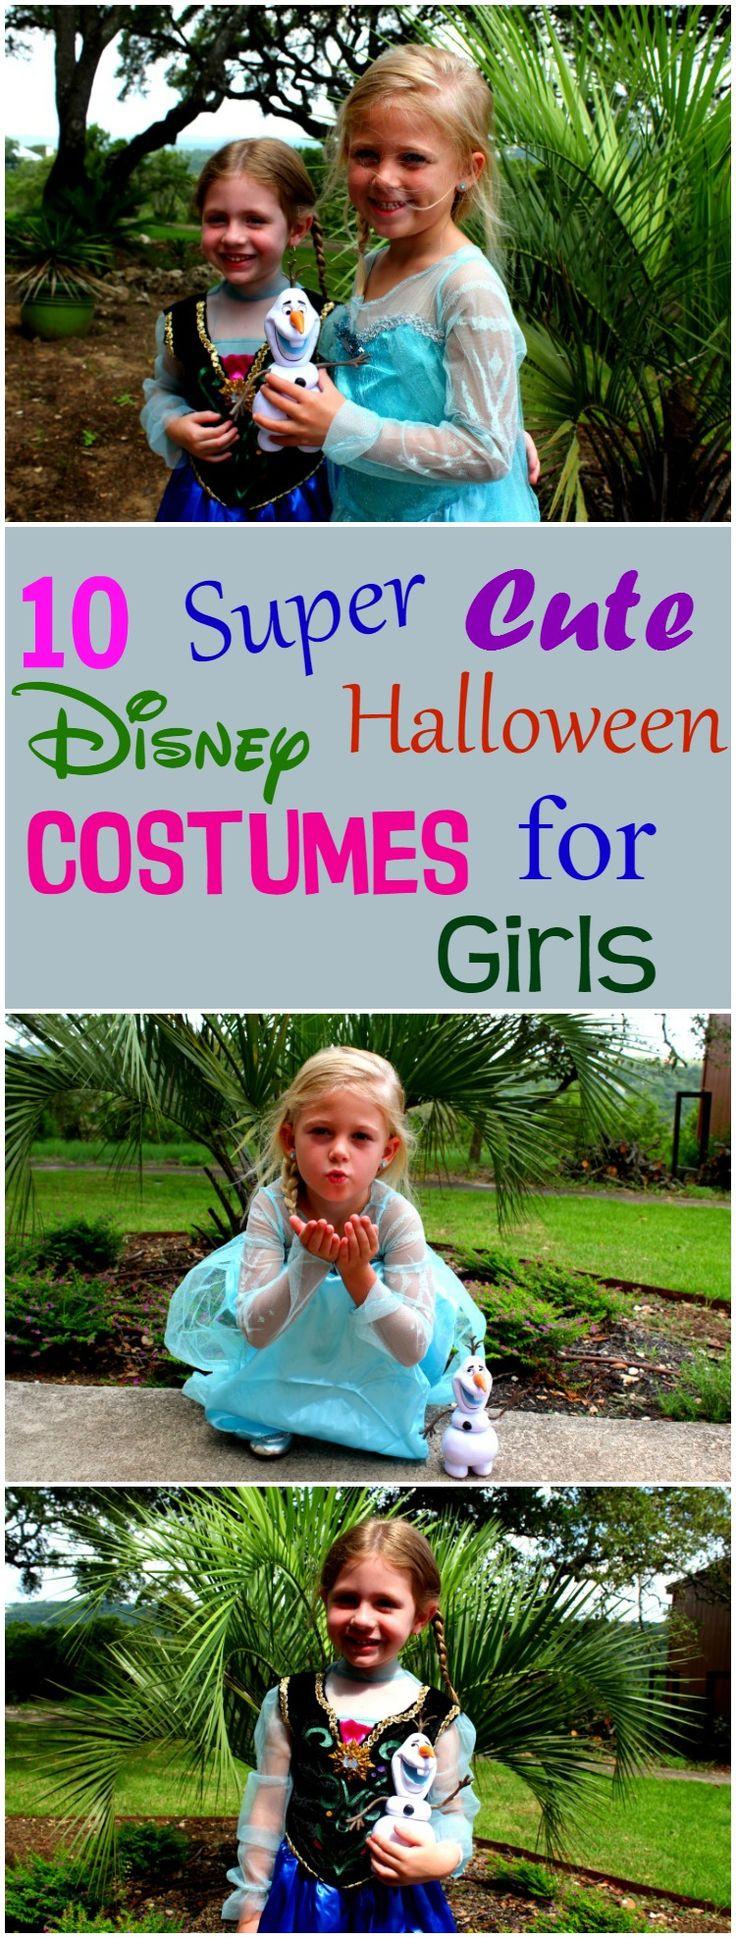 144 best Halloween images on Pinterest | Halloween foods, Halloween ...